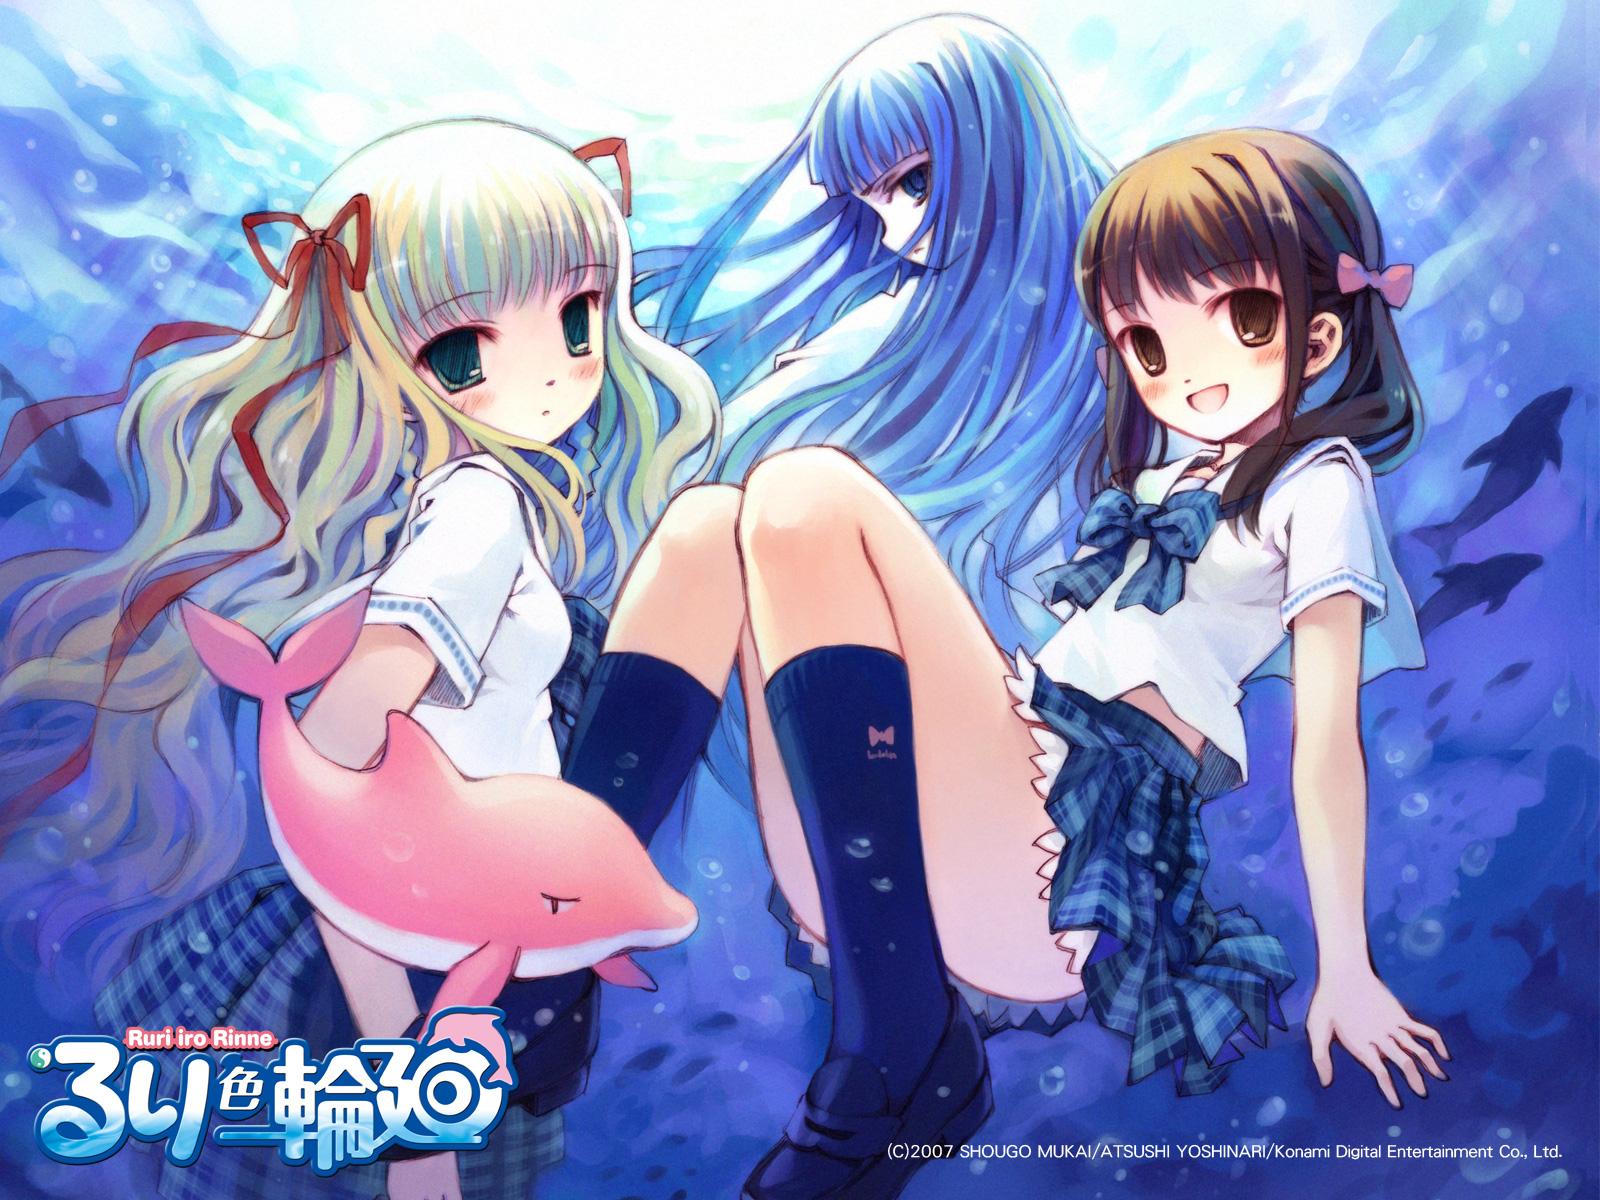 blonde_hair blue_eyes blue_hair brown_eyes brown_hair green_eyes kayano_ushio mizusawa_ruri ruri_iro_rinne yoshinari_atsushi